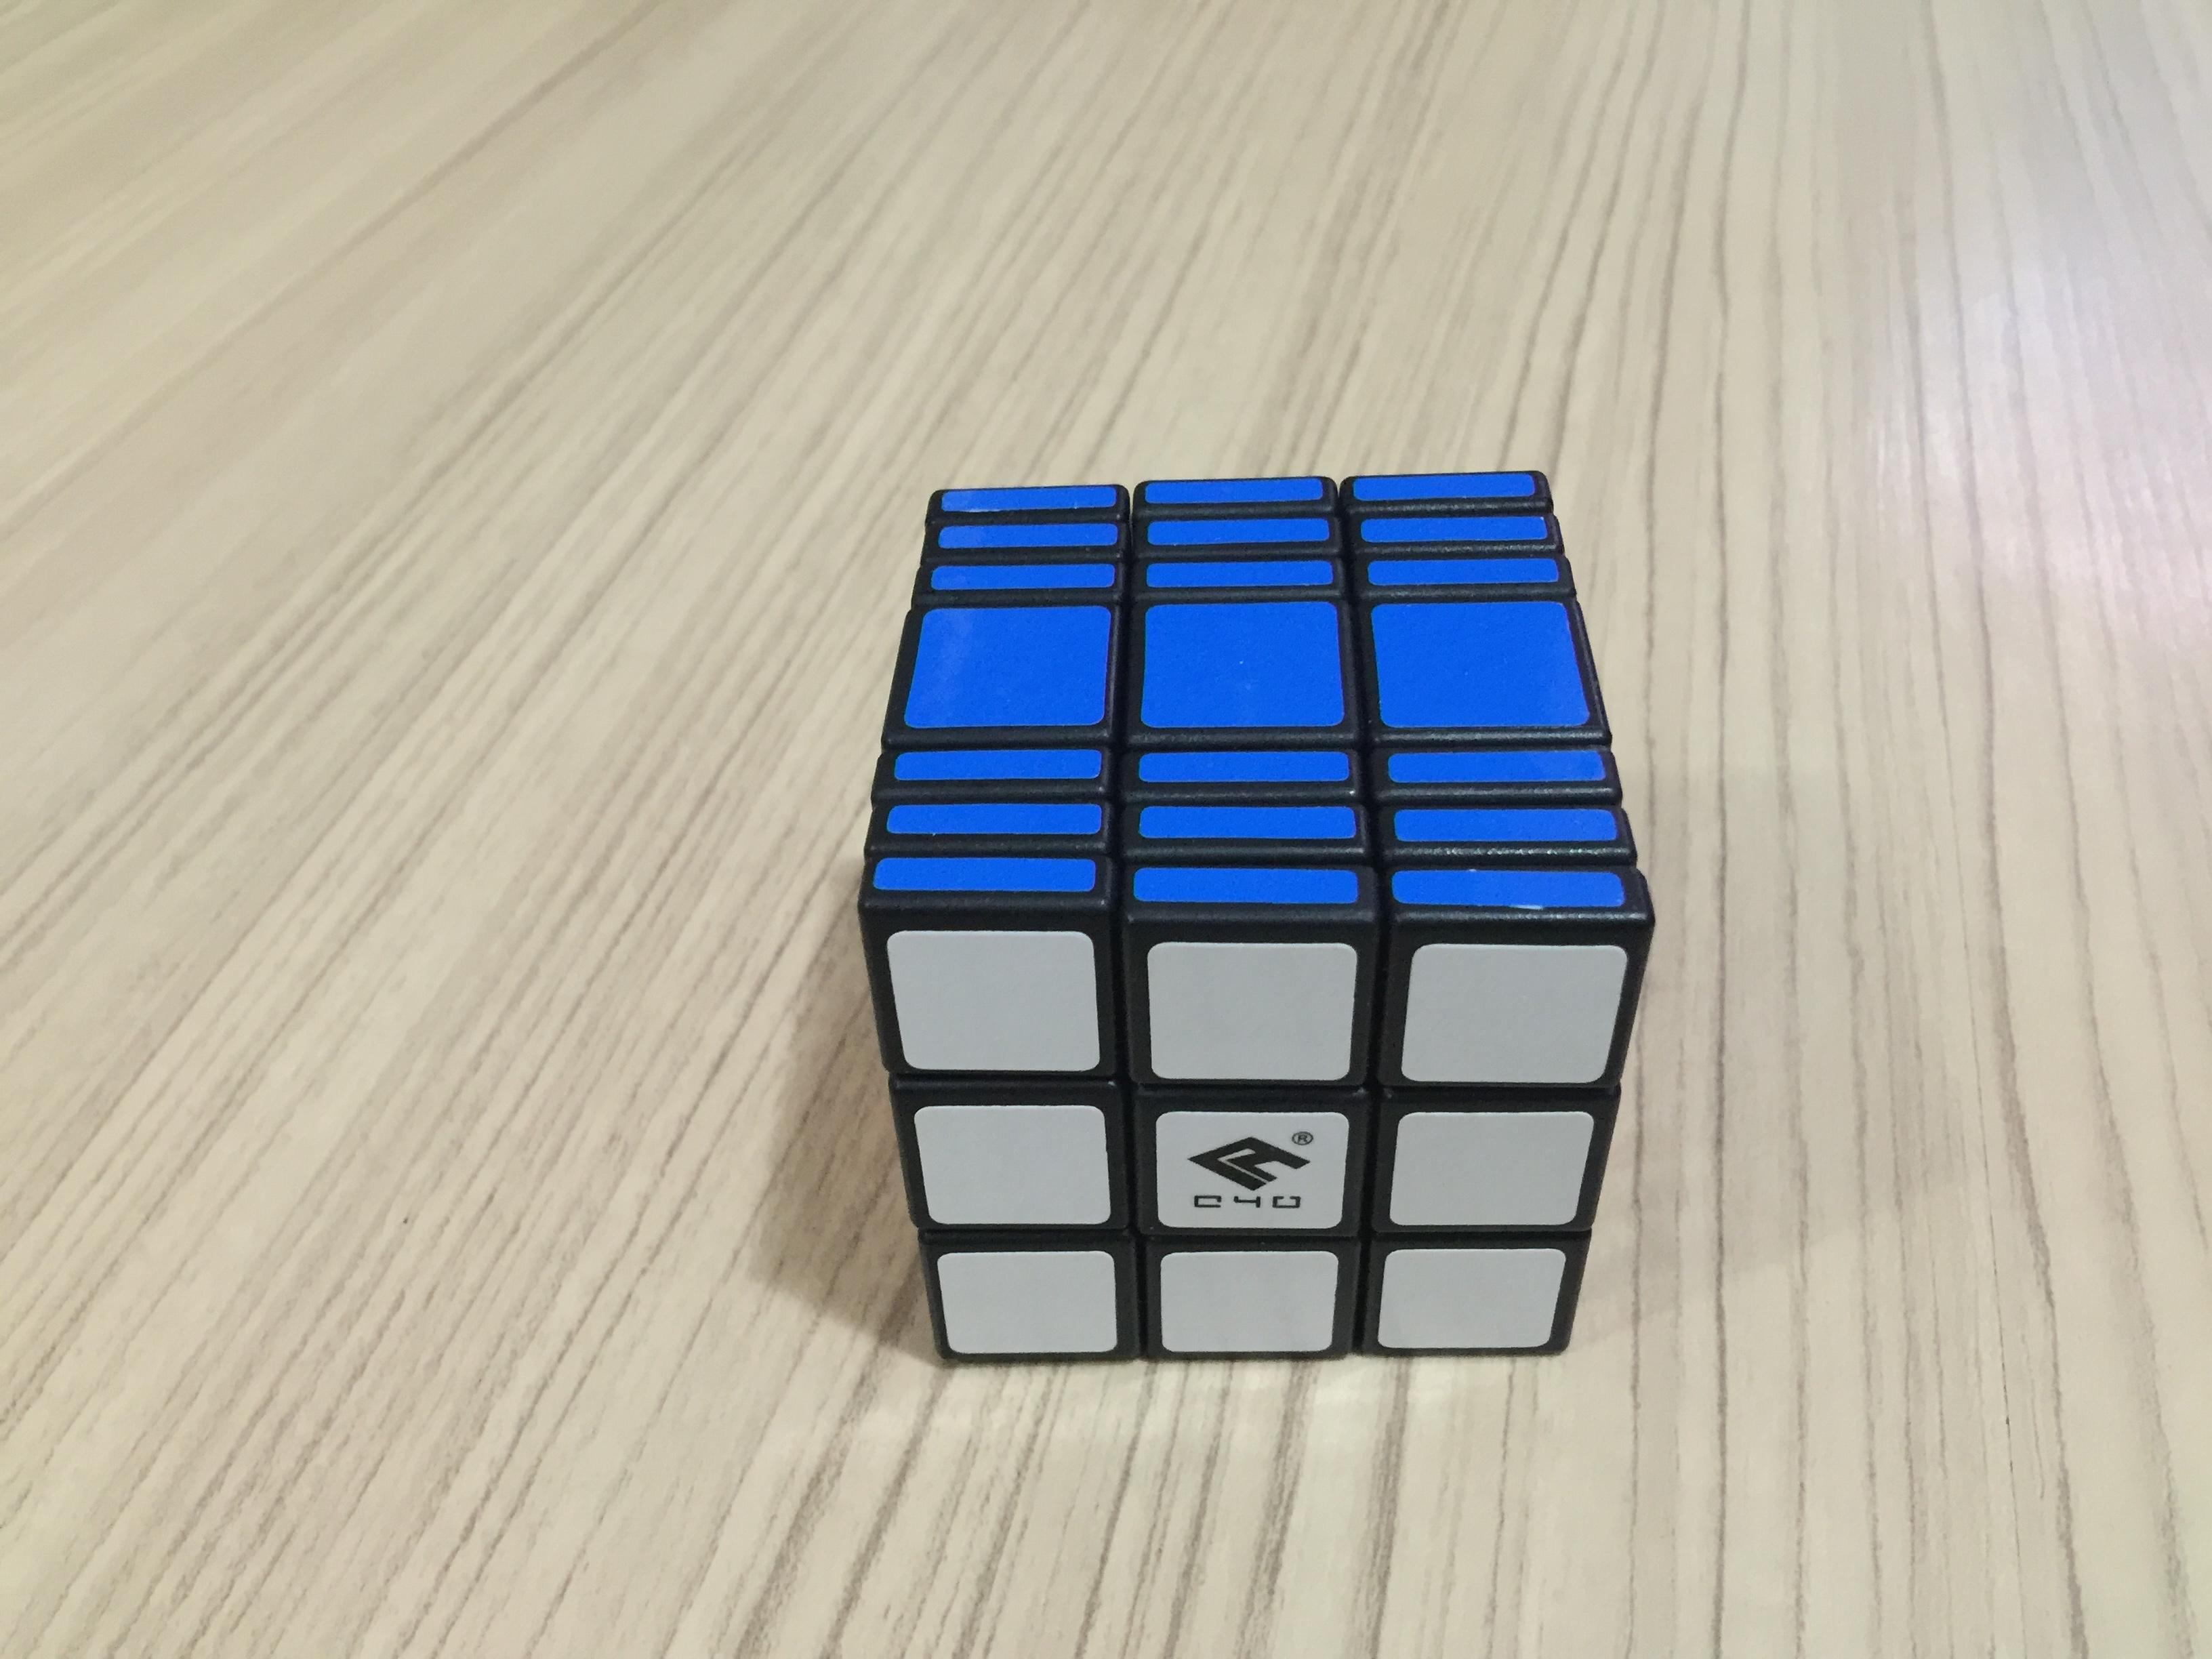 Cube4U 3x3x7 Black